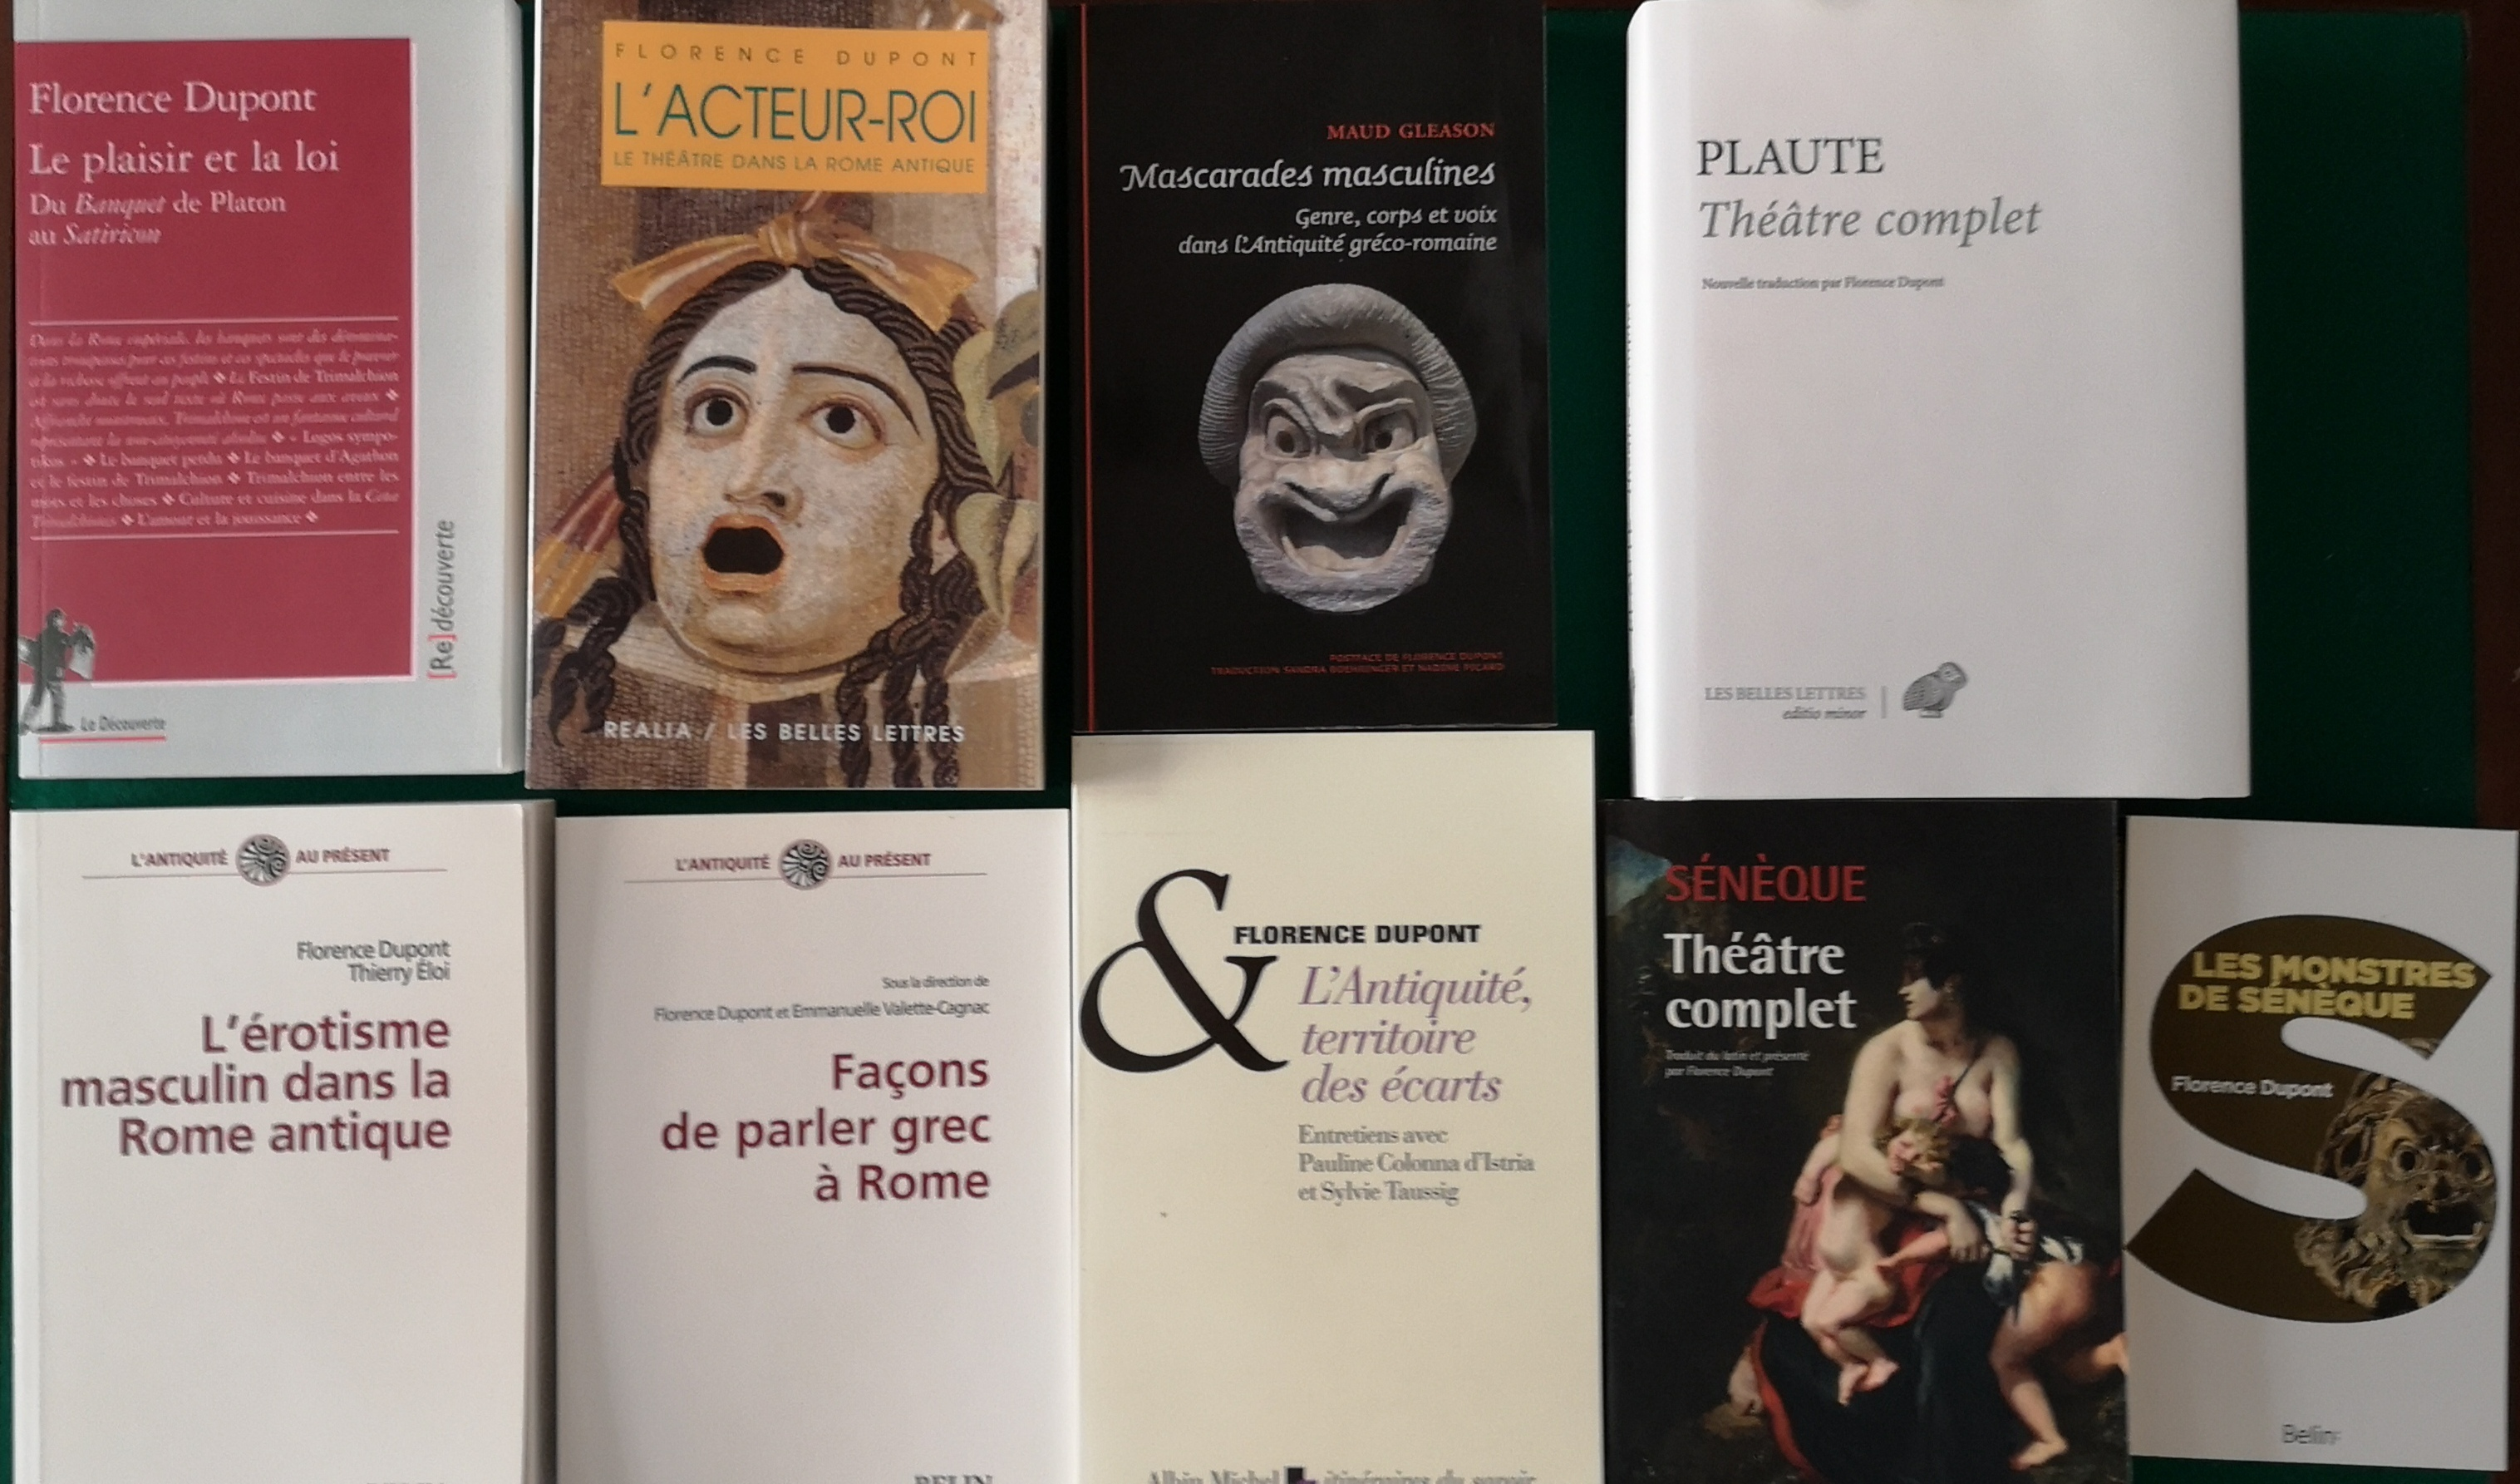 De Natura Rerum reçoit Florence Dupont, agrégée de Lettres classiques et professeur émérite de latin, qui tout au long de sa carrière, a exploré en anthropologue l'Antiquité.